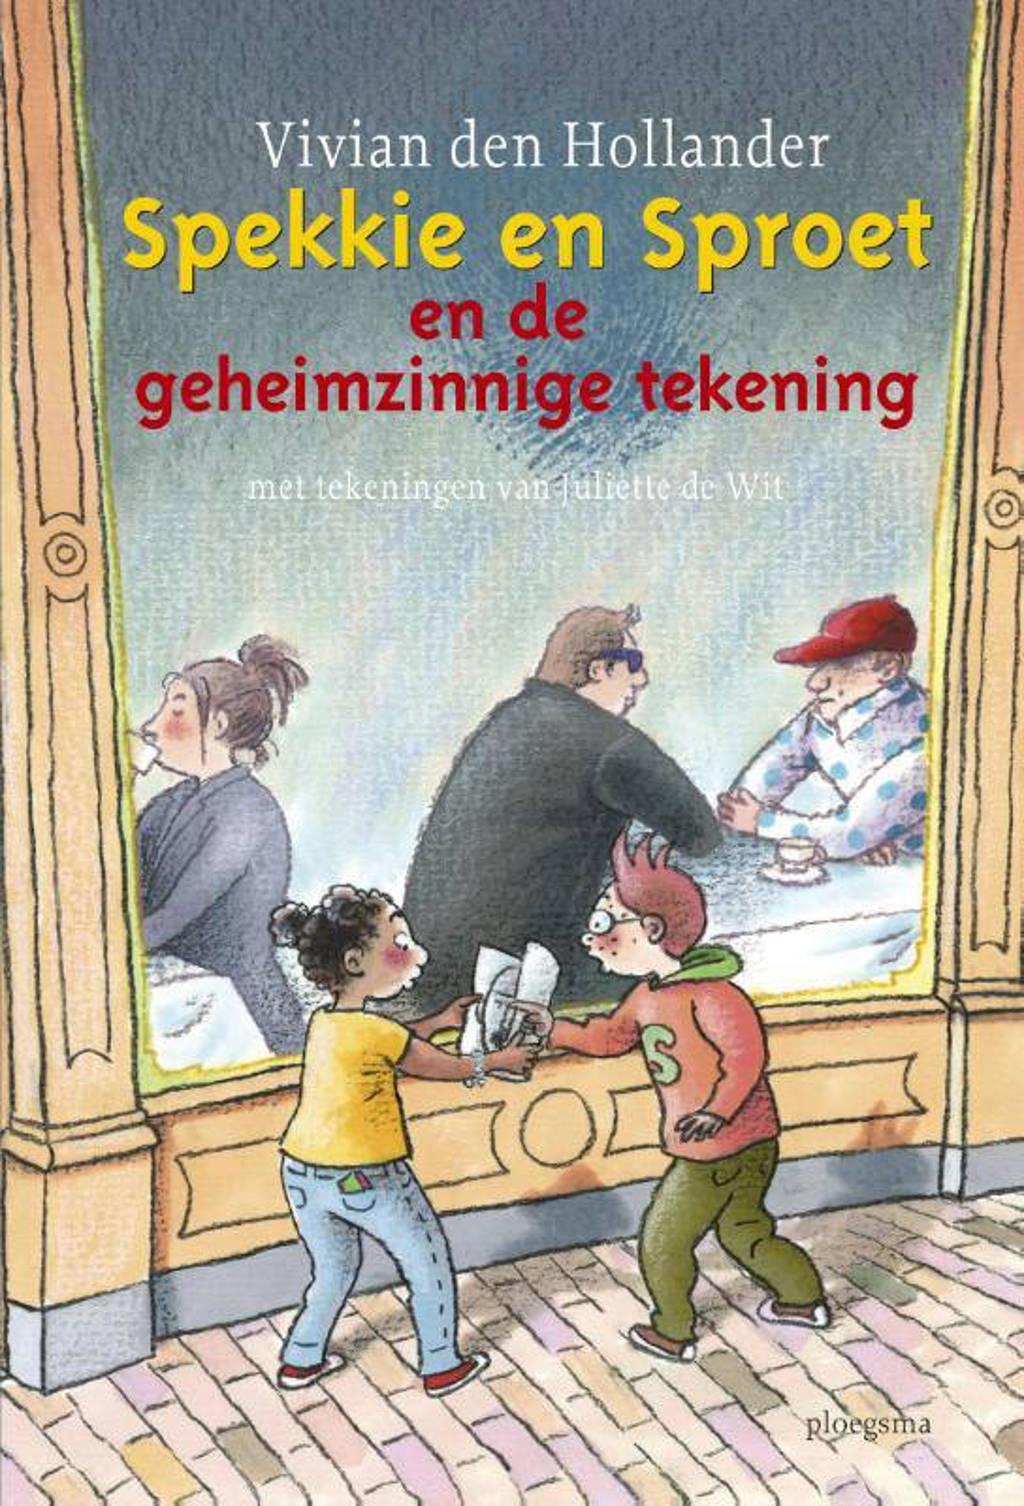 Spekkie en Sproet en de geheimzinnige tekening - Vivian den Hollander